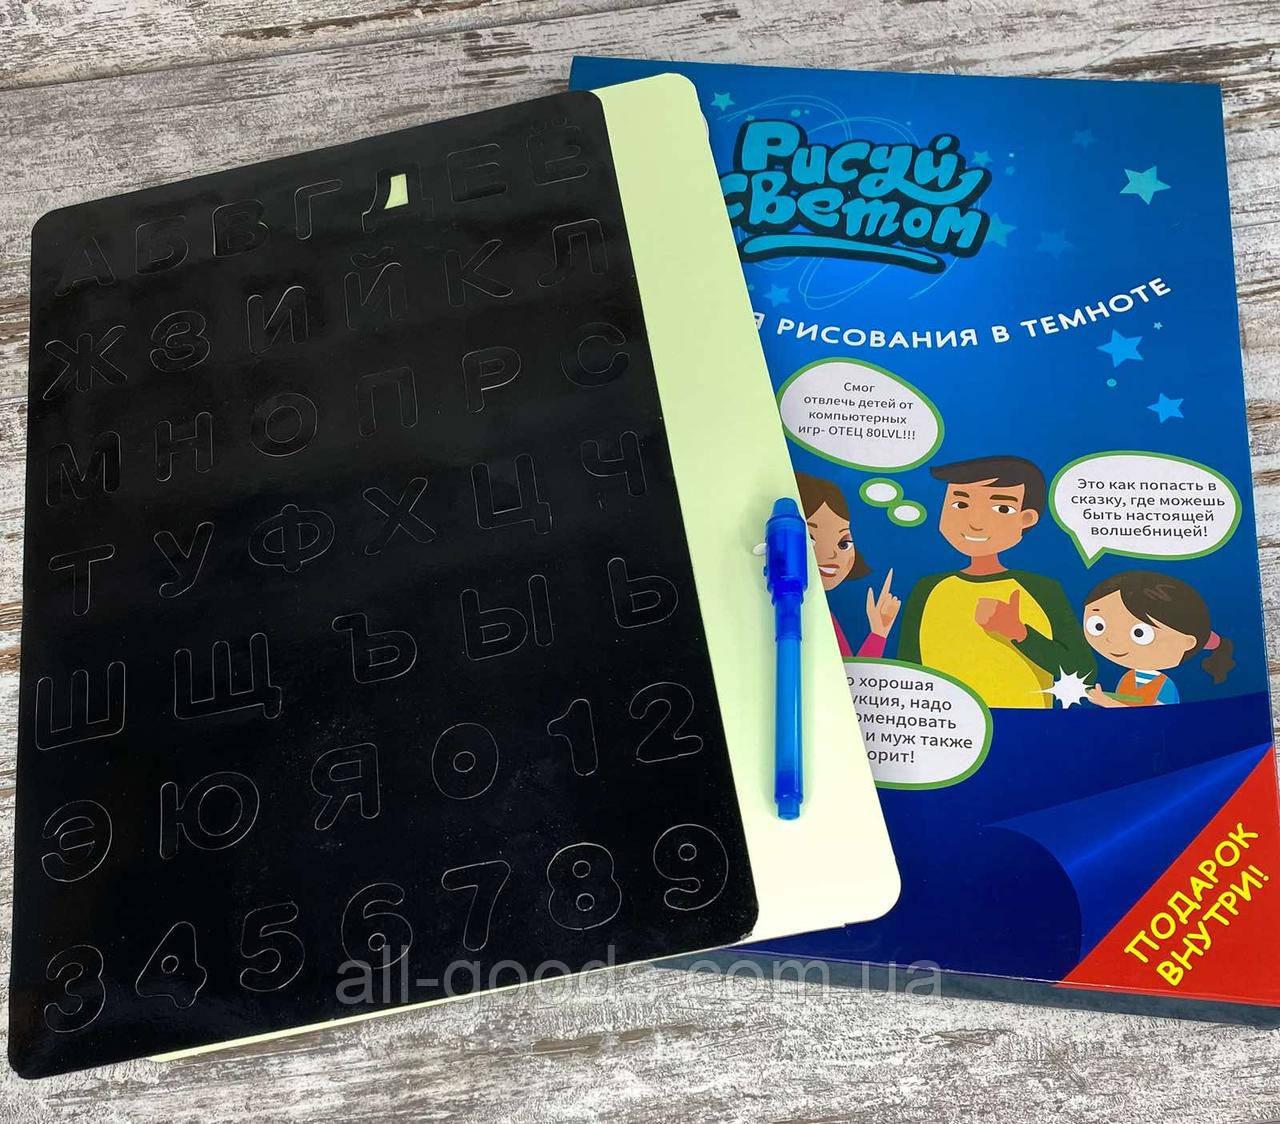 Детский набор для творчества Рисуй Светом А4. Планшет для рисования в темноте